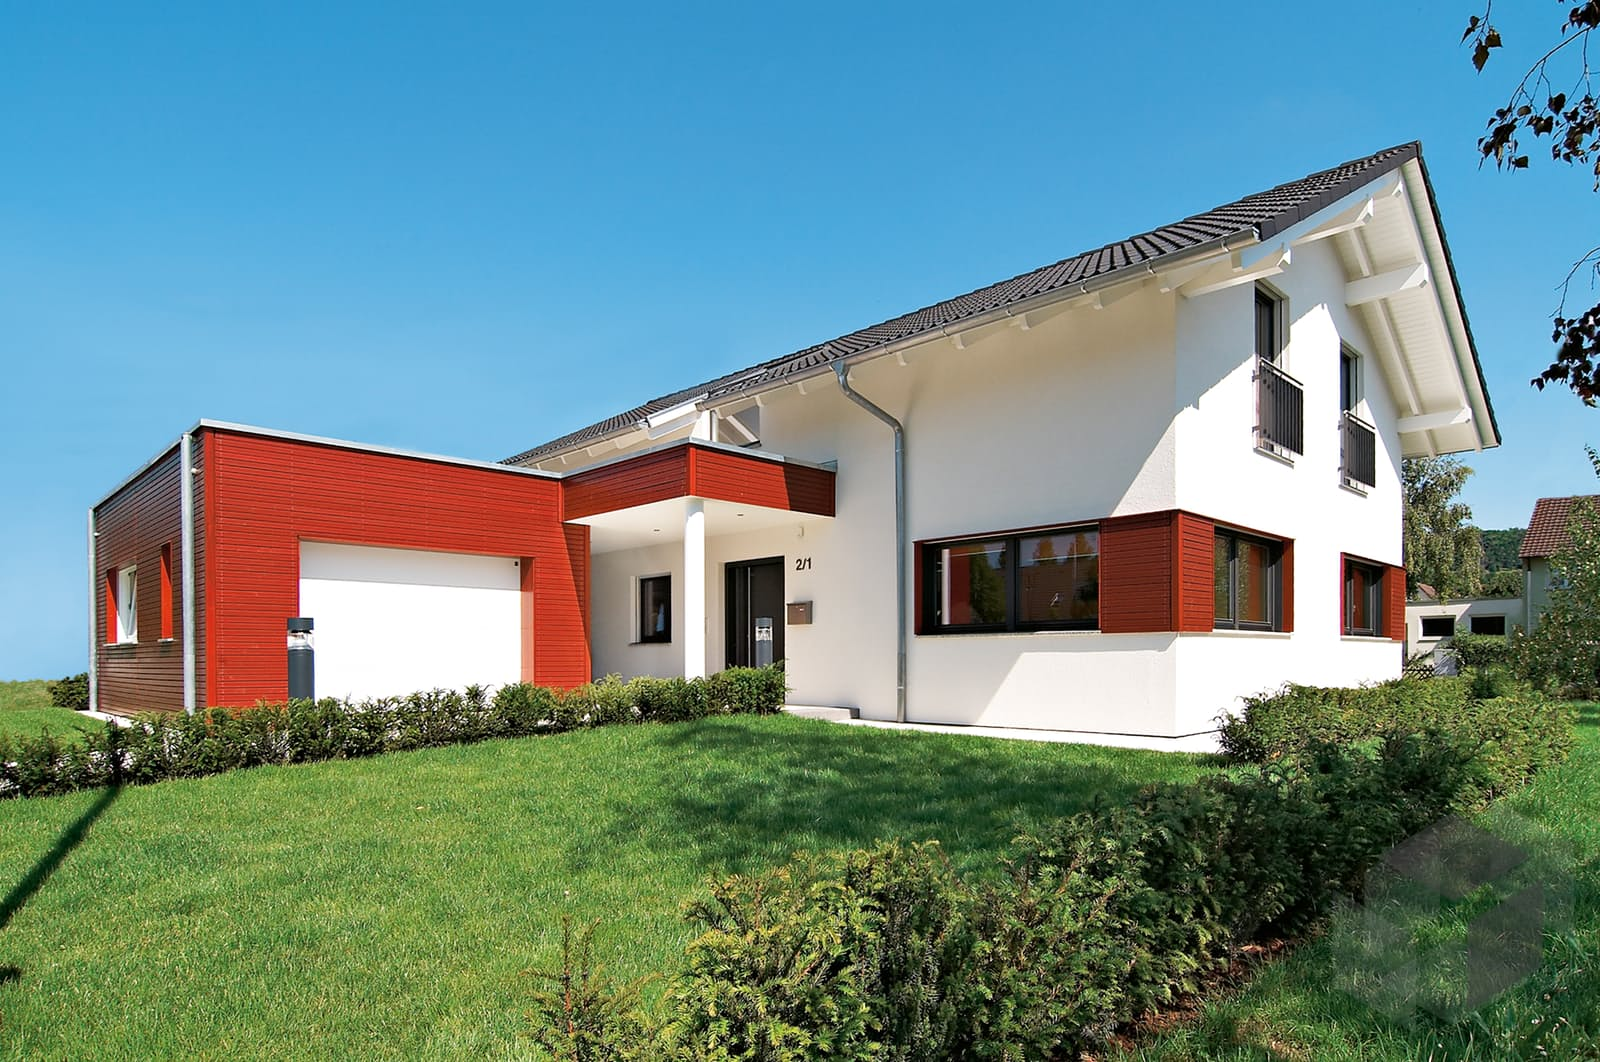 ausstellungshaus ravensburg inactive von weberhaus komplette daten bersicht. Black Bedroom Furniture Sets. Home Design Ideas